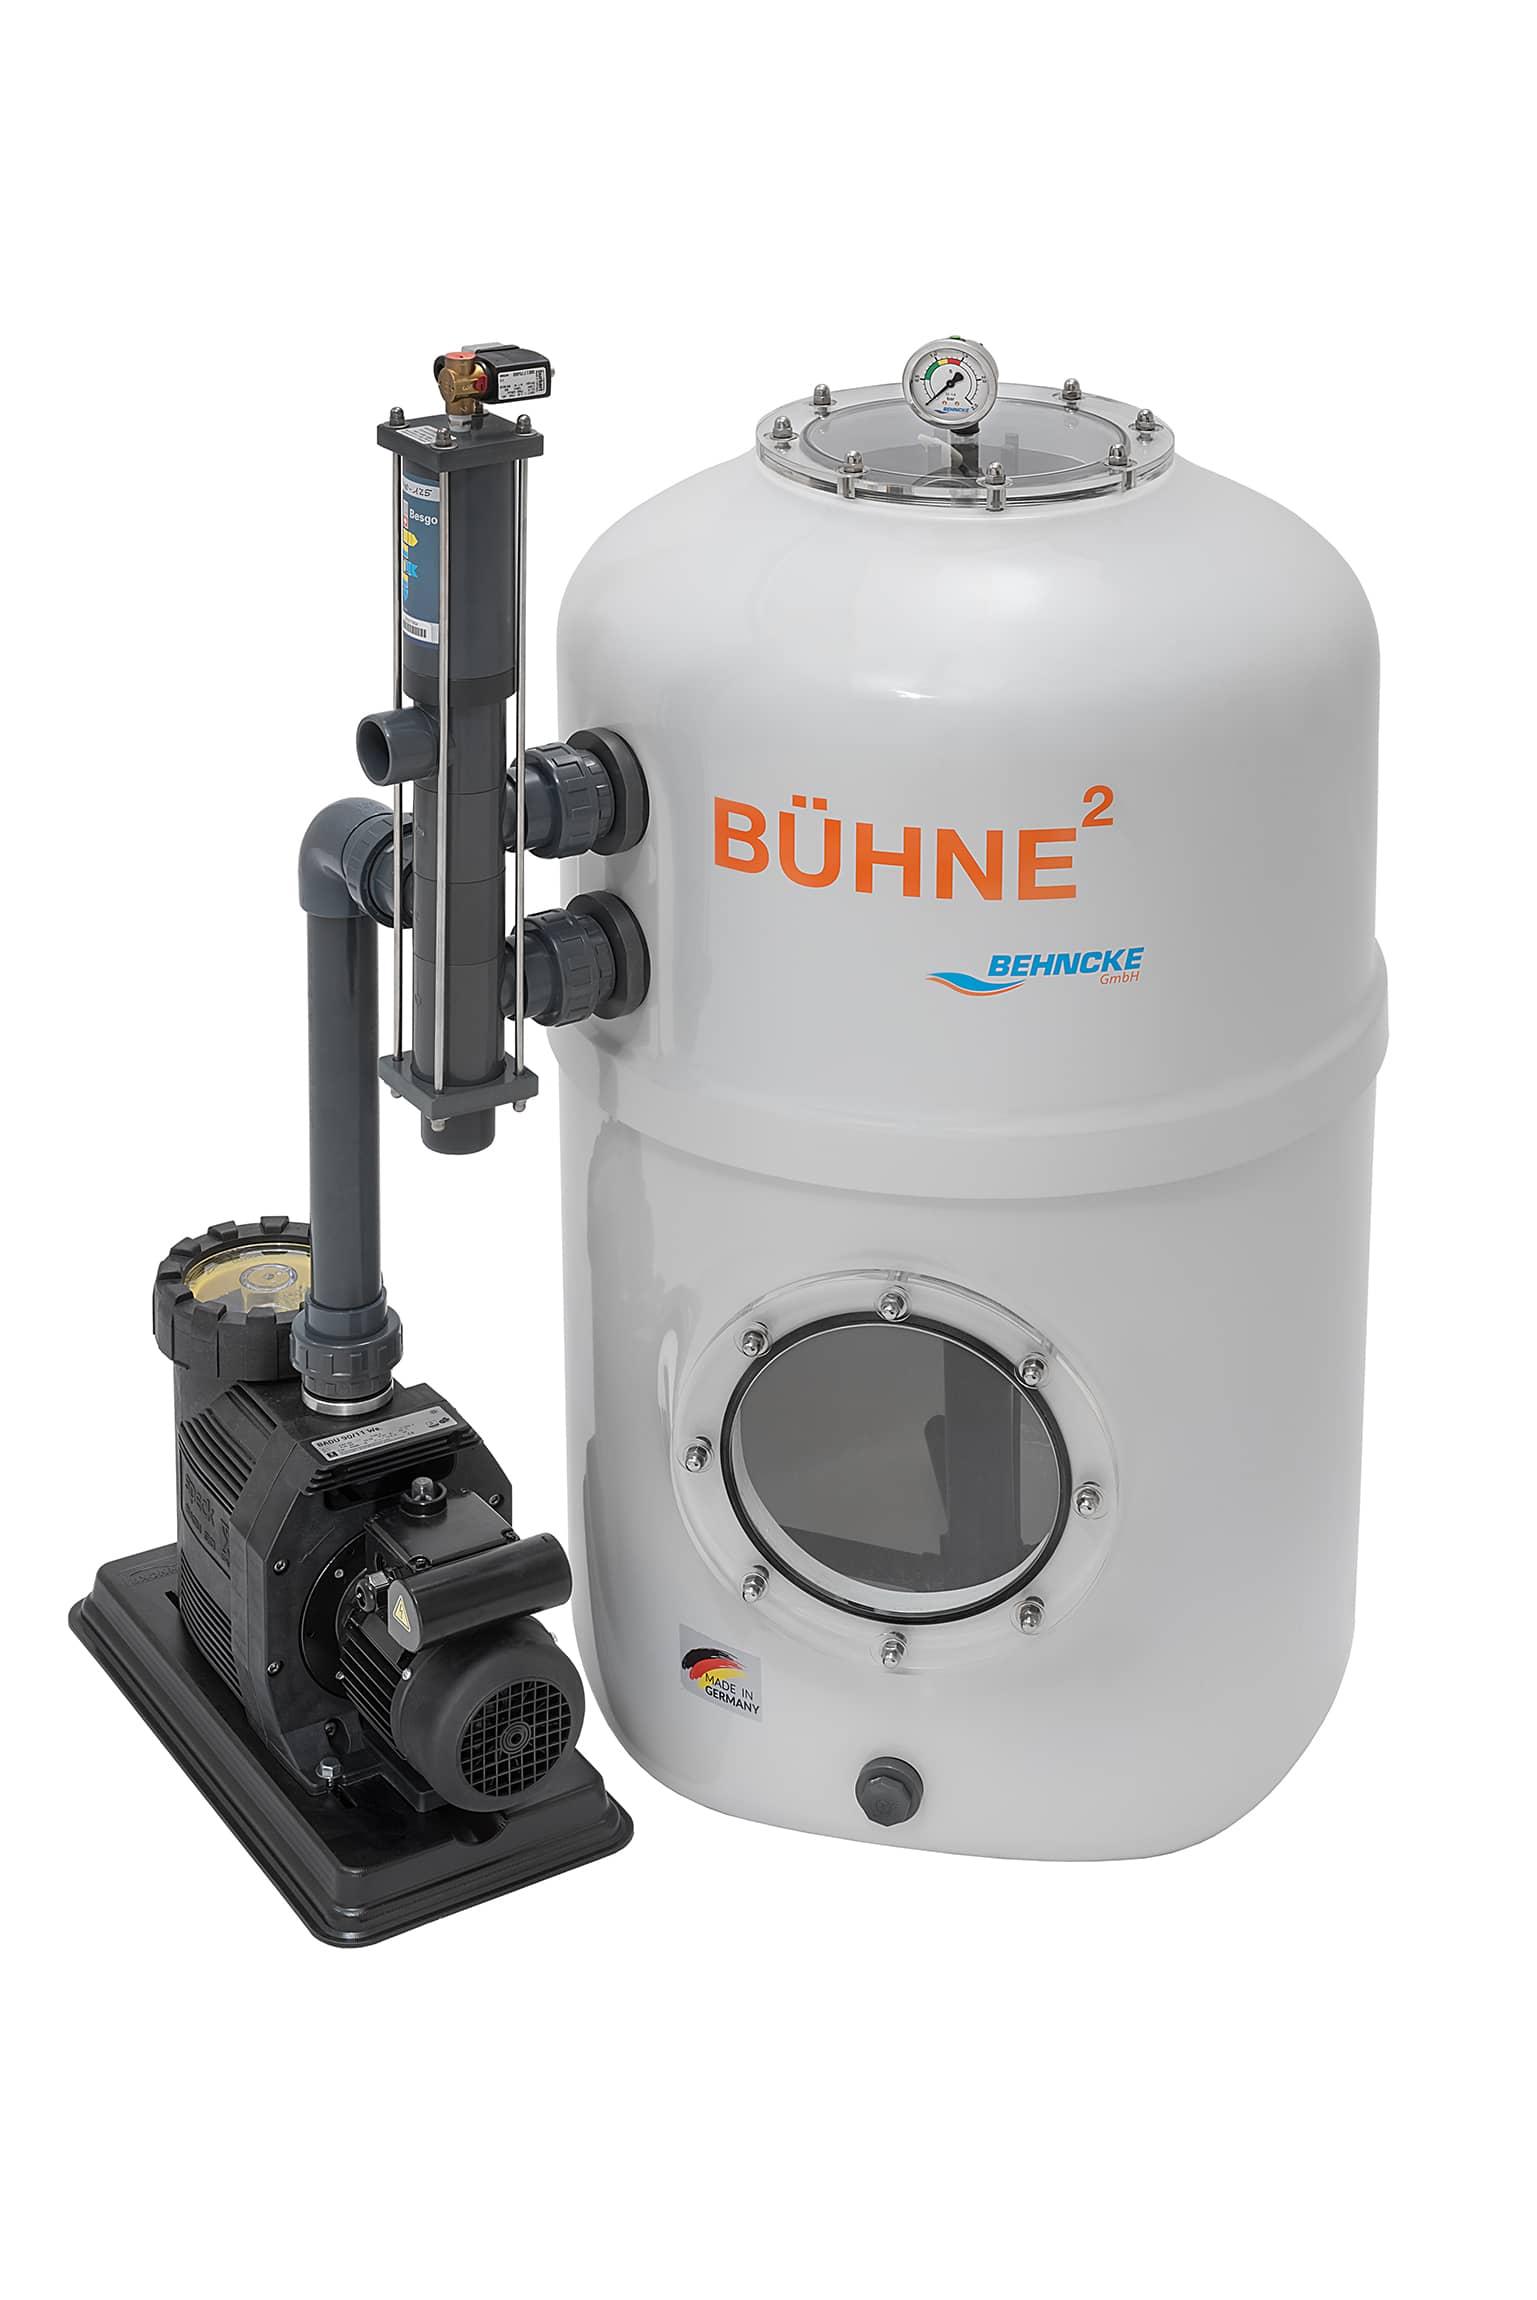 Behncke b hne2 filteranlage mit besgo stangenventil 600x14 mit pumpe comfort 14 g nstig bei - Pool rechteckig mit pumpe ...